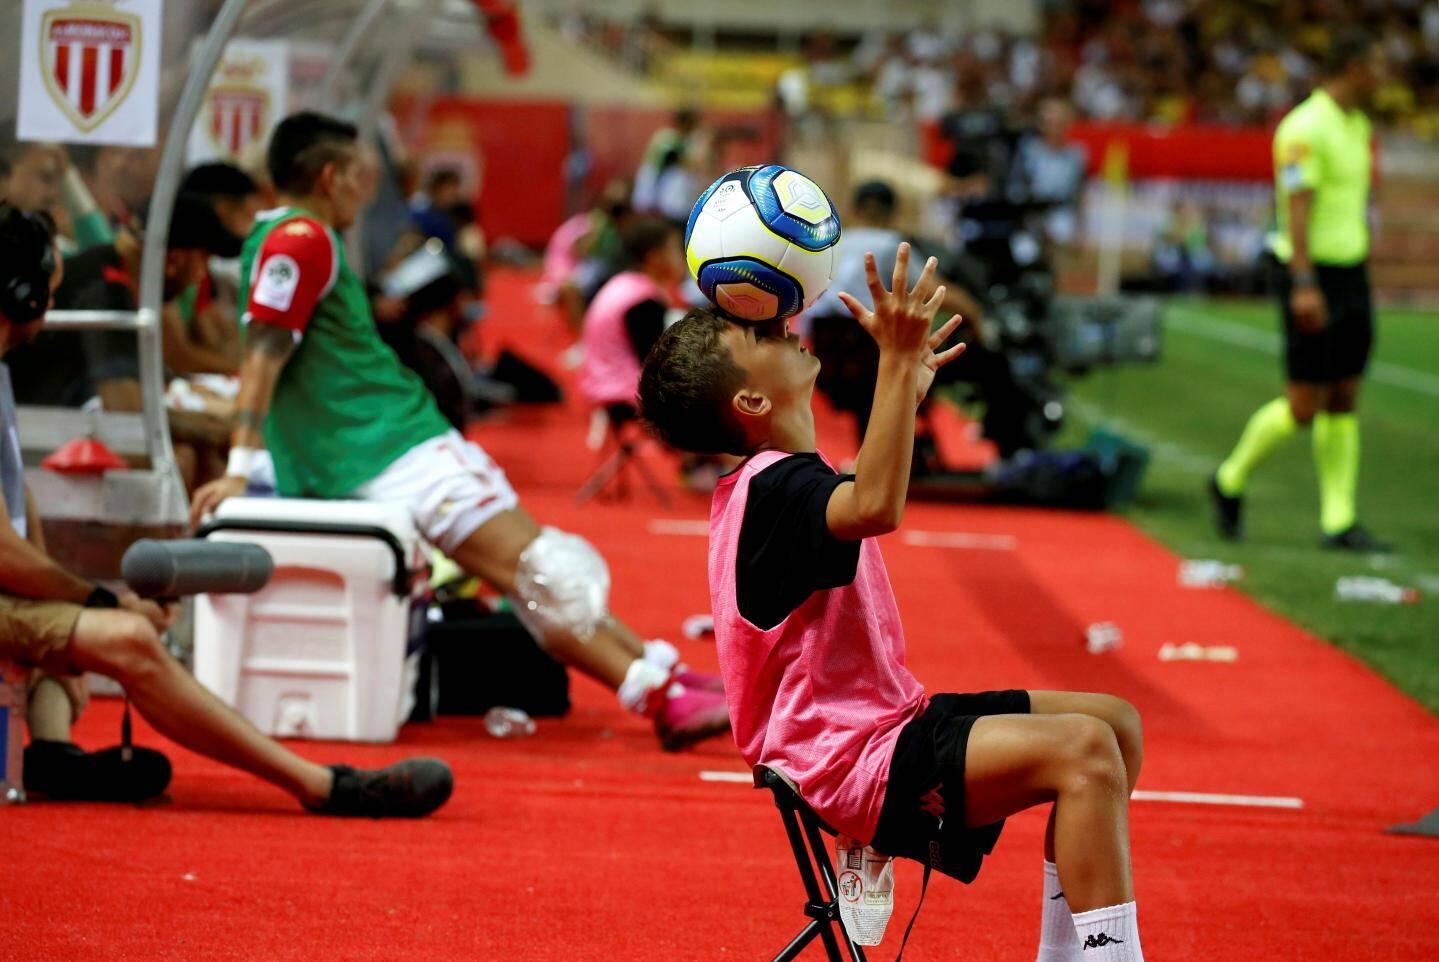 Ce 9 août, l'AS Monaco a lourdement chuté à domicile face à Lyon. Pour voir le plus beau geste technique du match, il fallait regarder près du banc de touche.